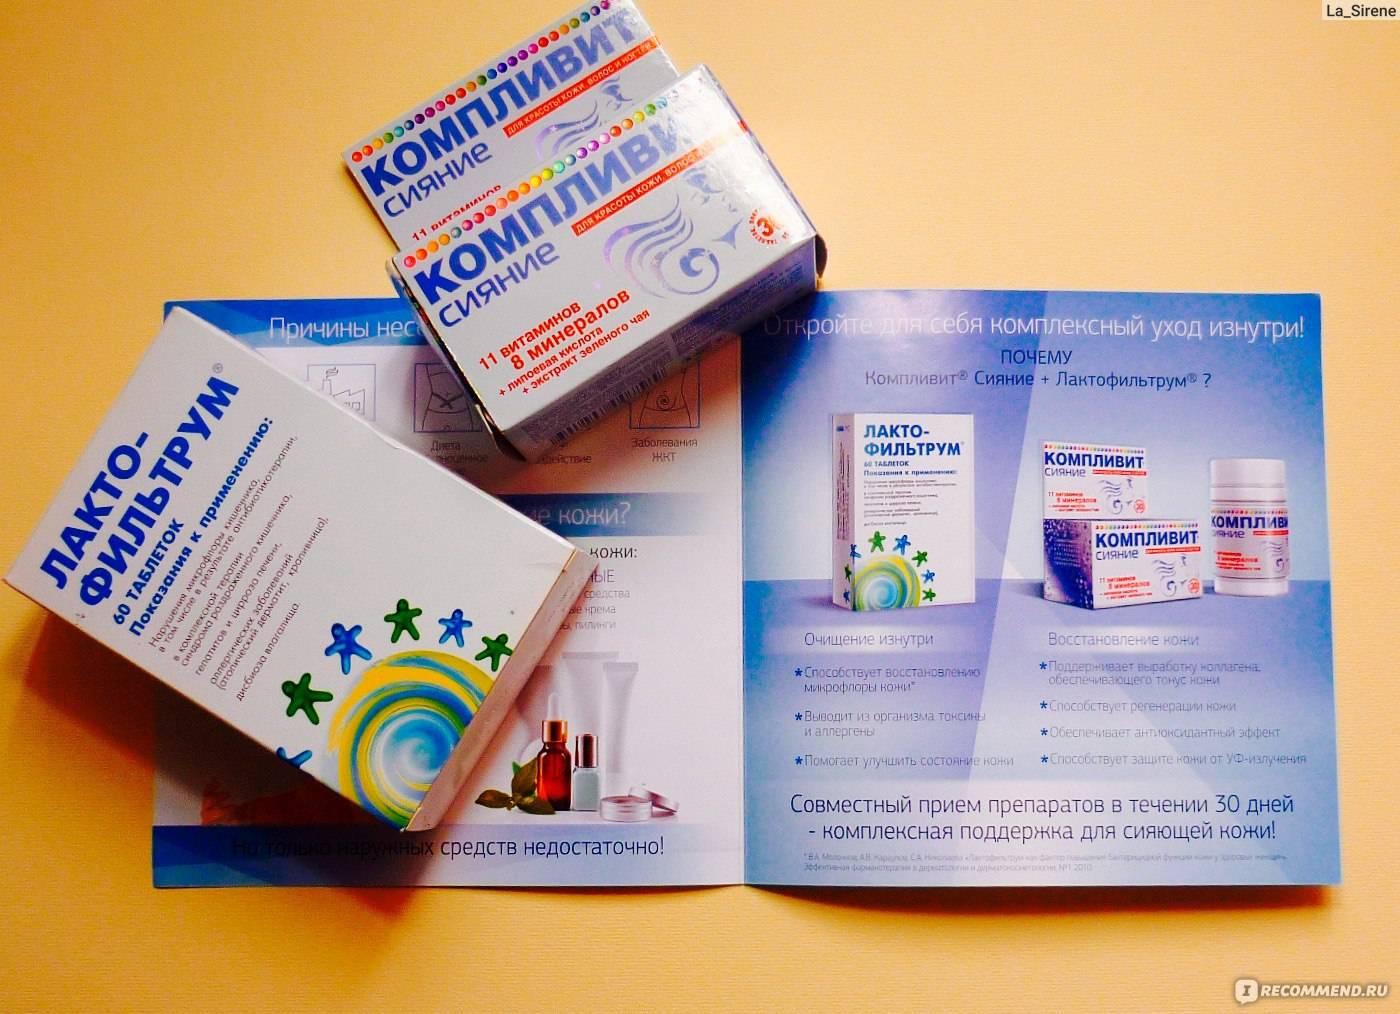 Как принимать лактофильтрум для лечения прыщей?